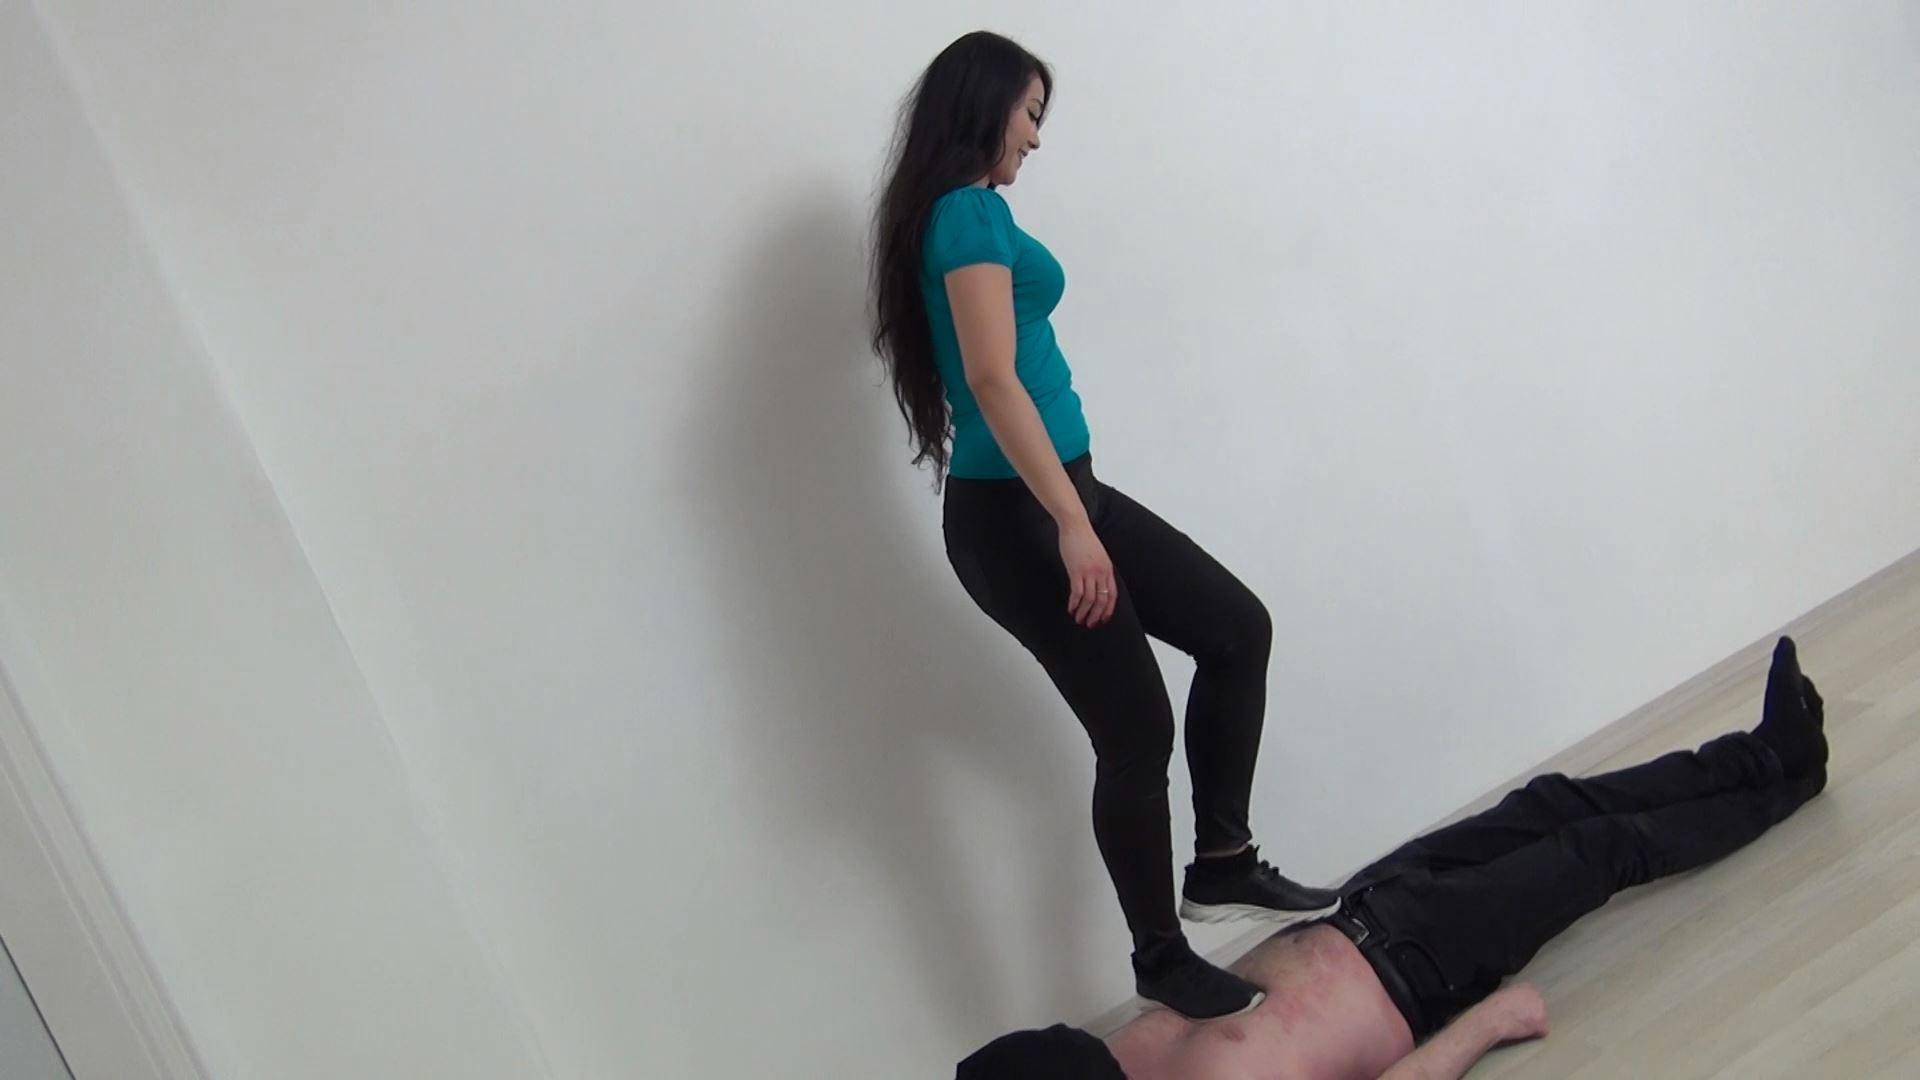 Mistress Maya In Scene: Trampling in Sport Shoes - ABBIECATFETISH - FULL HD/1080p/MP4